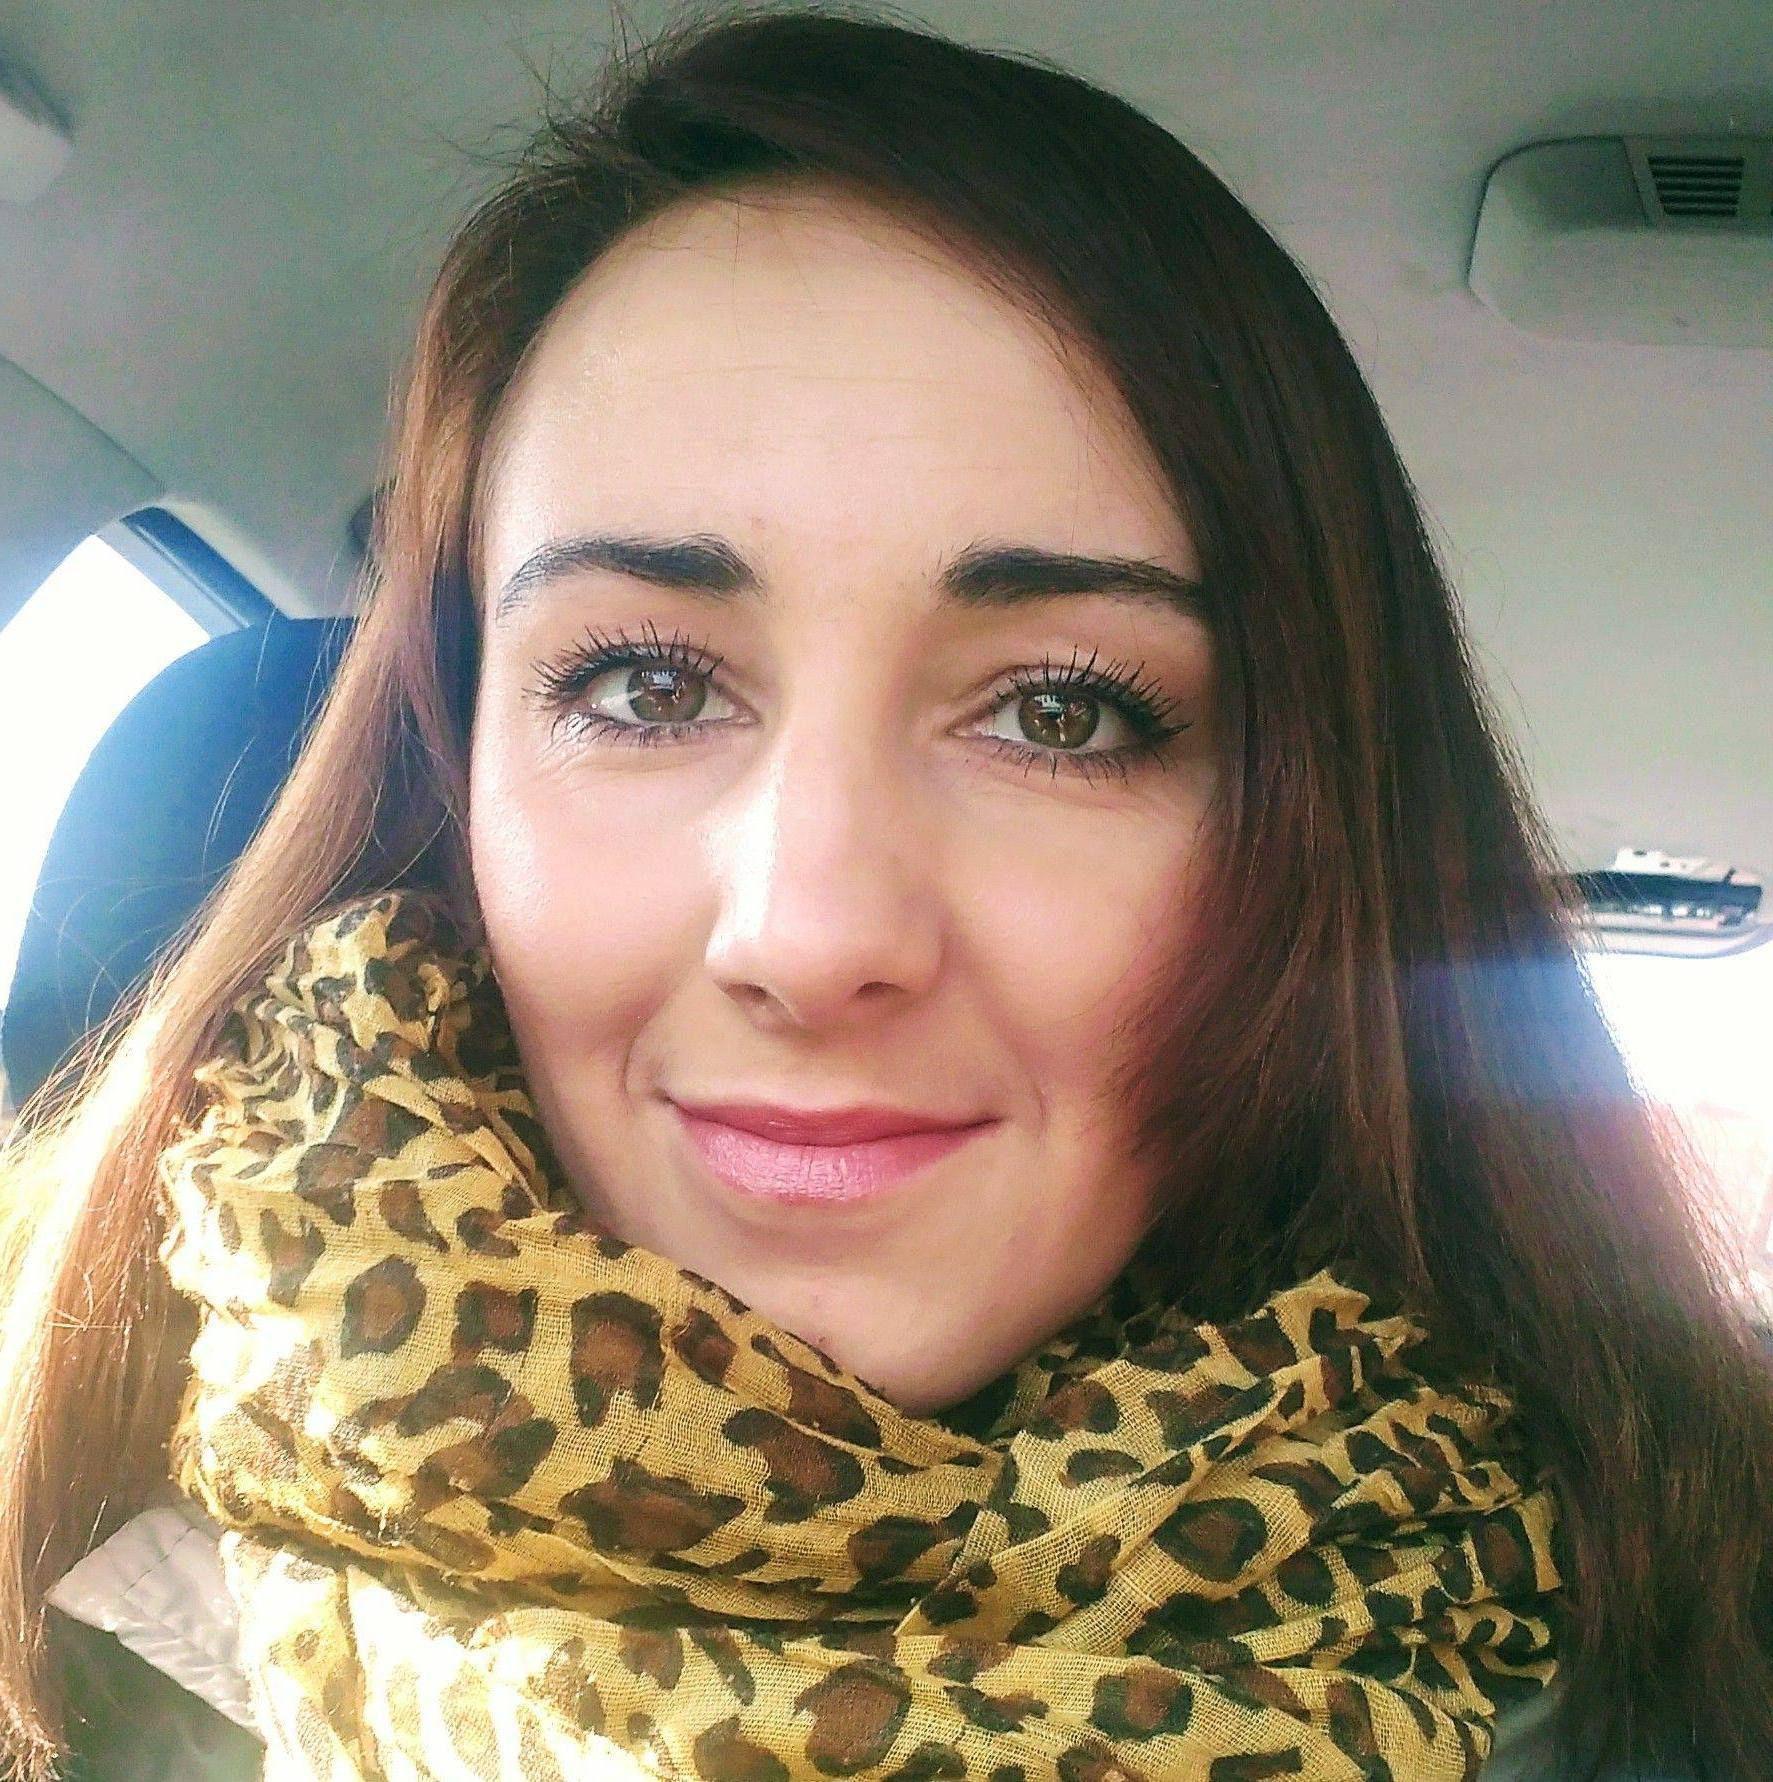 Lerne Malice, eine Frau, 22 aus Hildesheim, NI, Germany